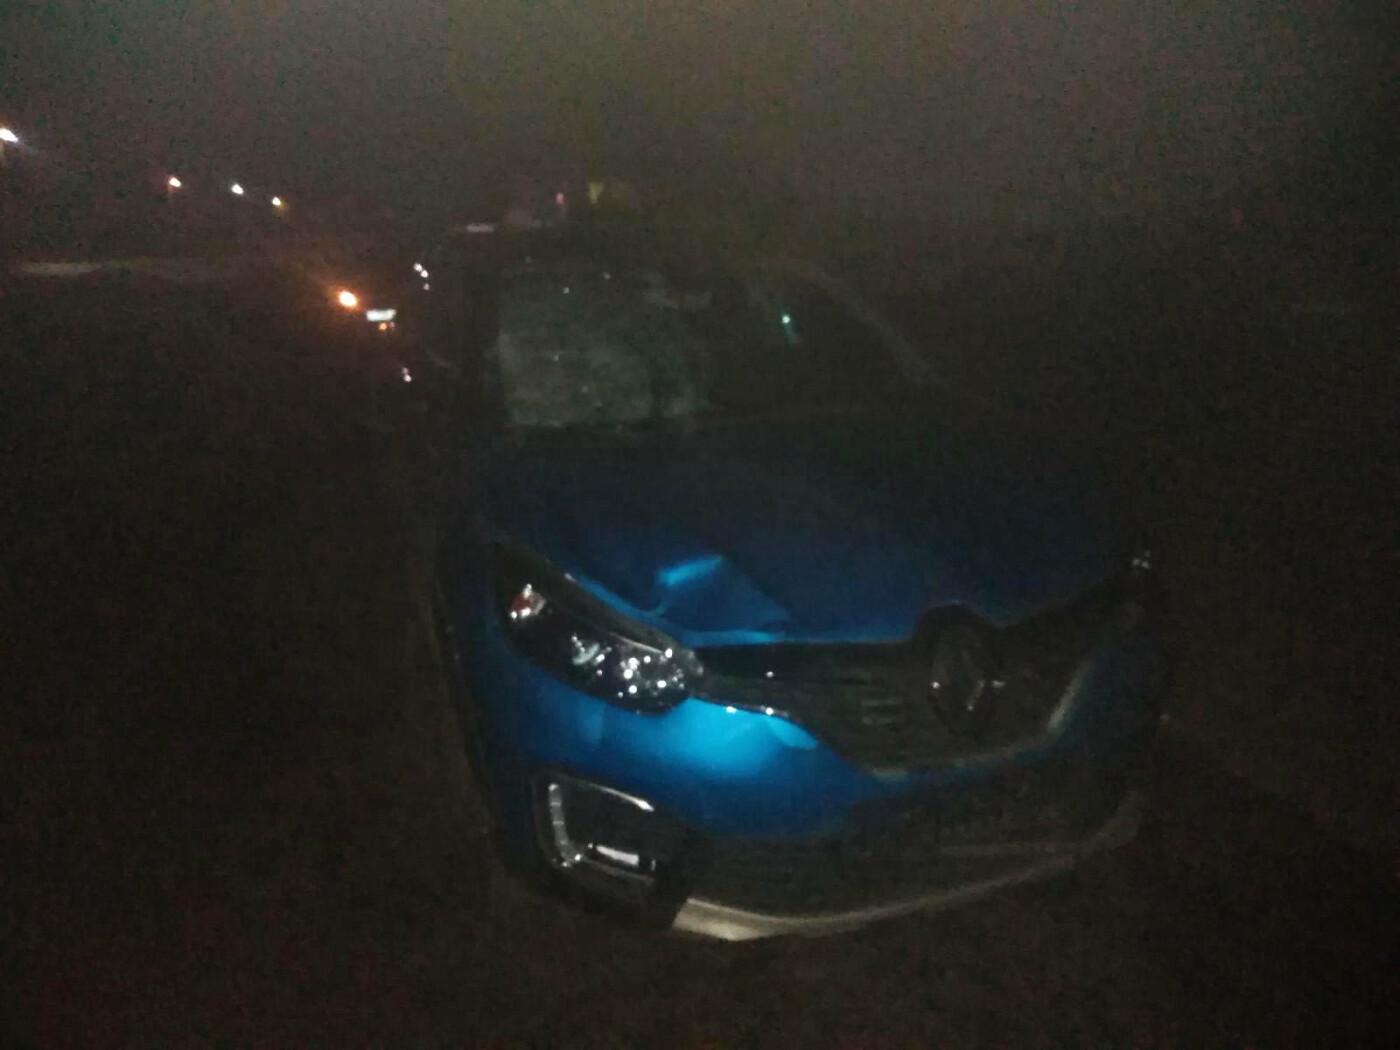 В Тамбовском районе девушка за рулём кроссовера насмерть сбила мужчину, фото-1